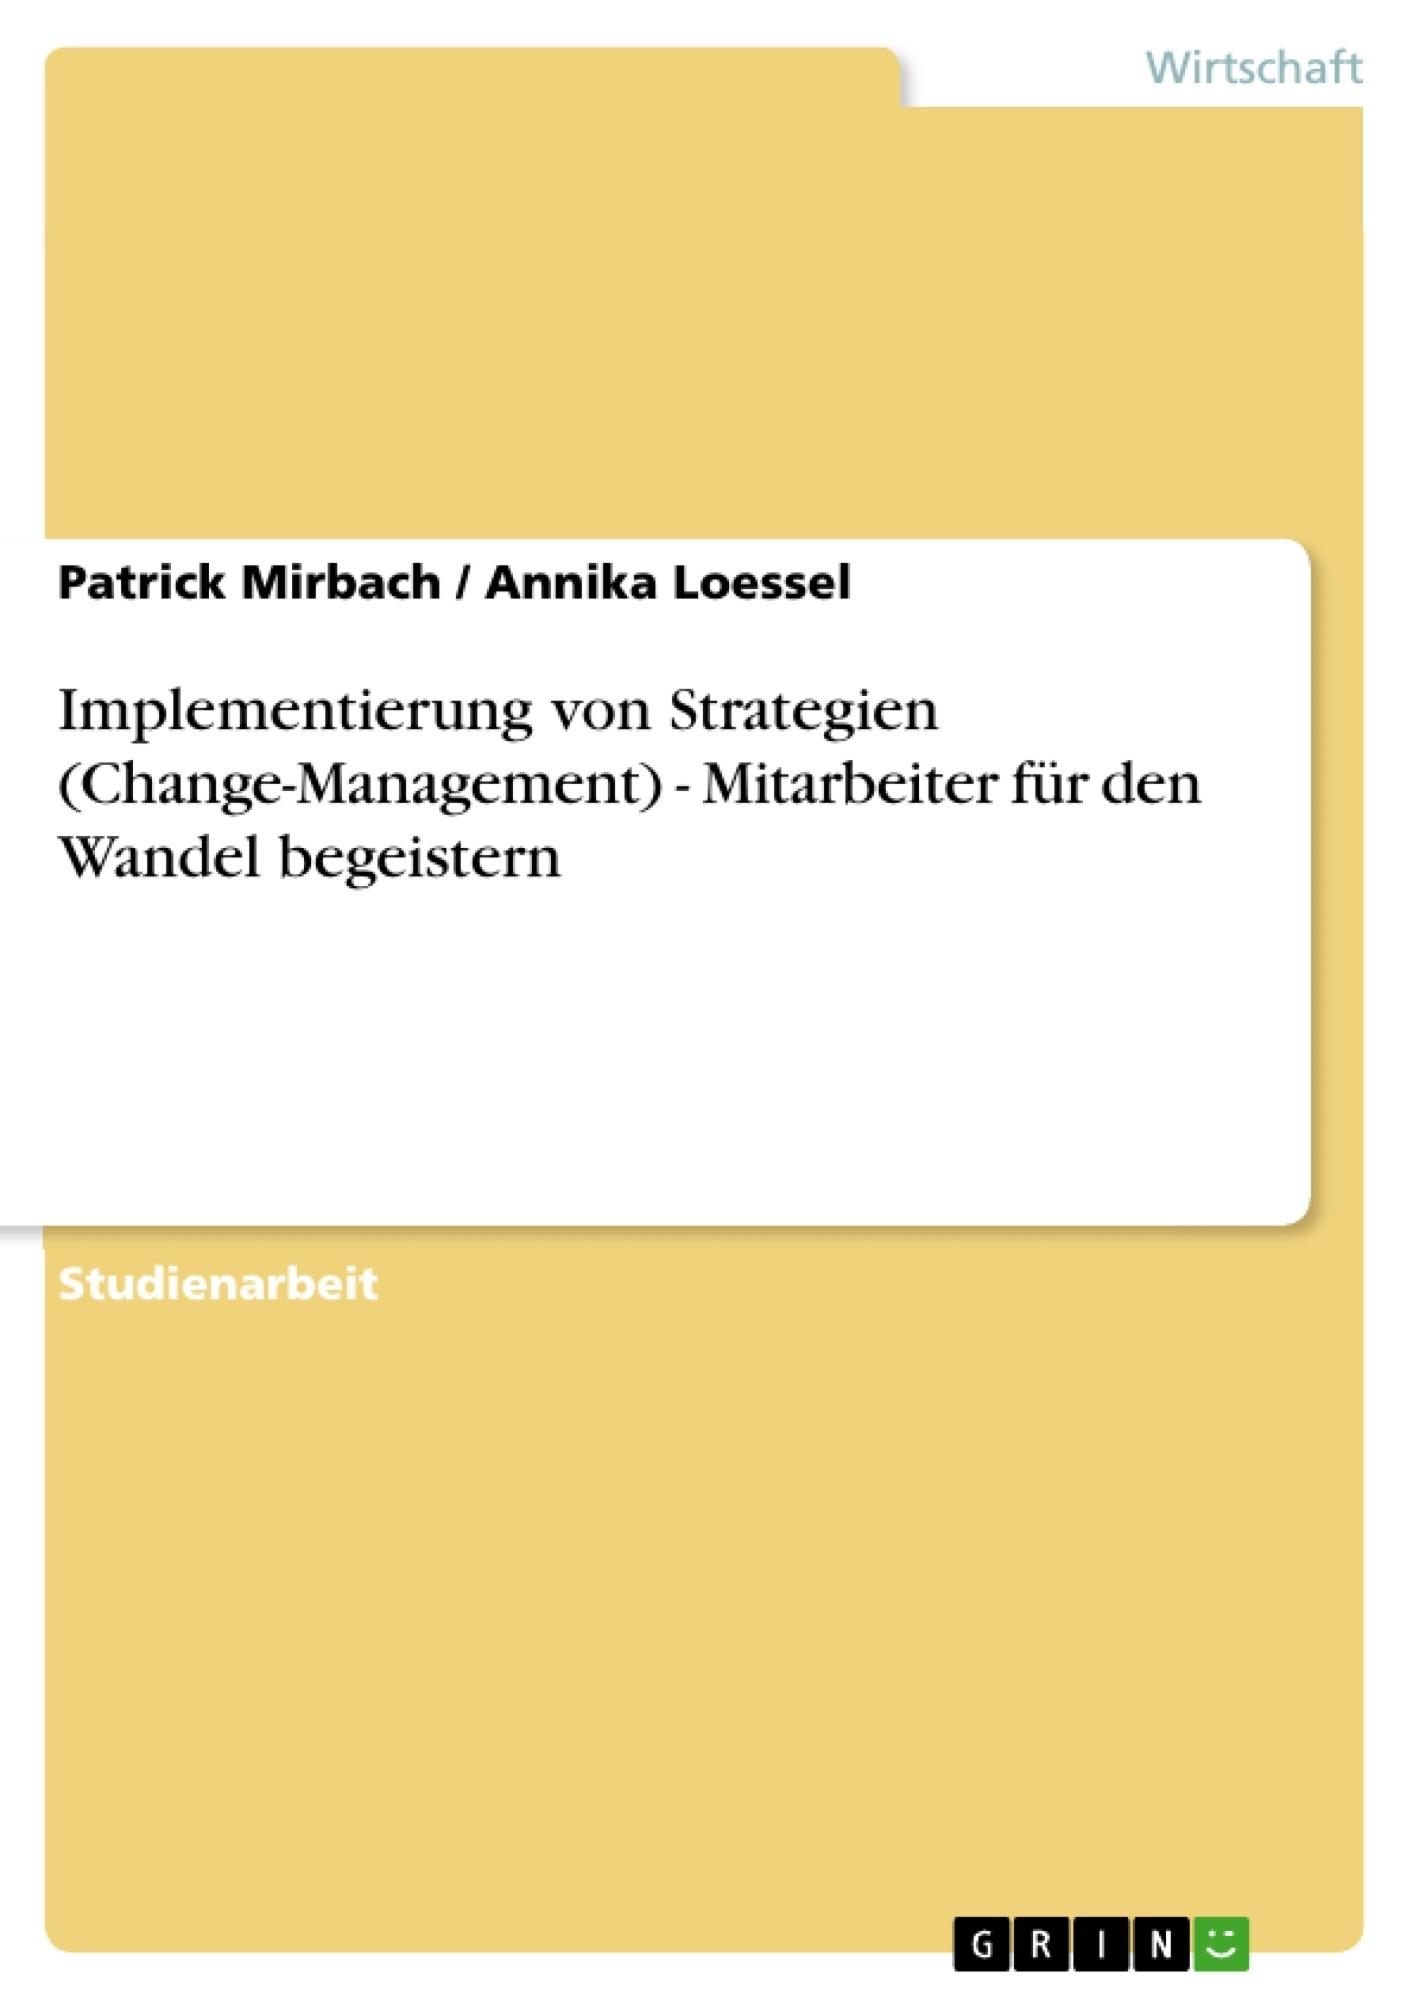 Titel: Implementierung von Strategien (Change-Management) - Mitarbeiter für den Wandel begeistern